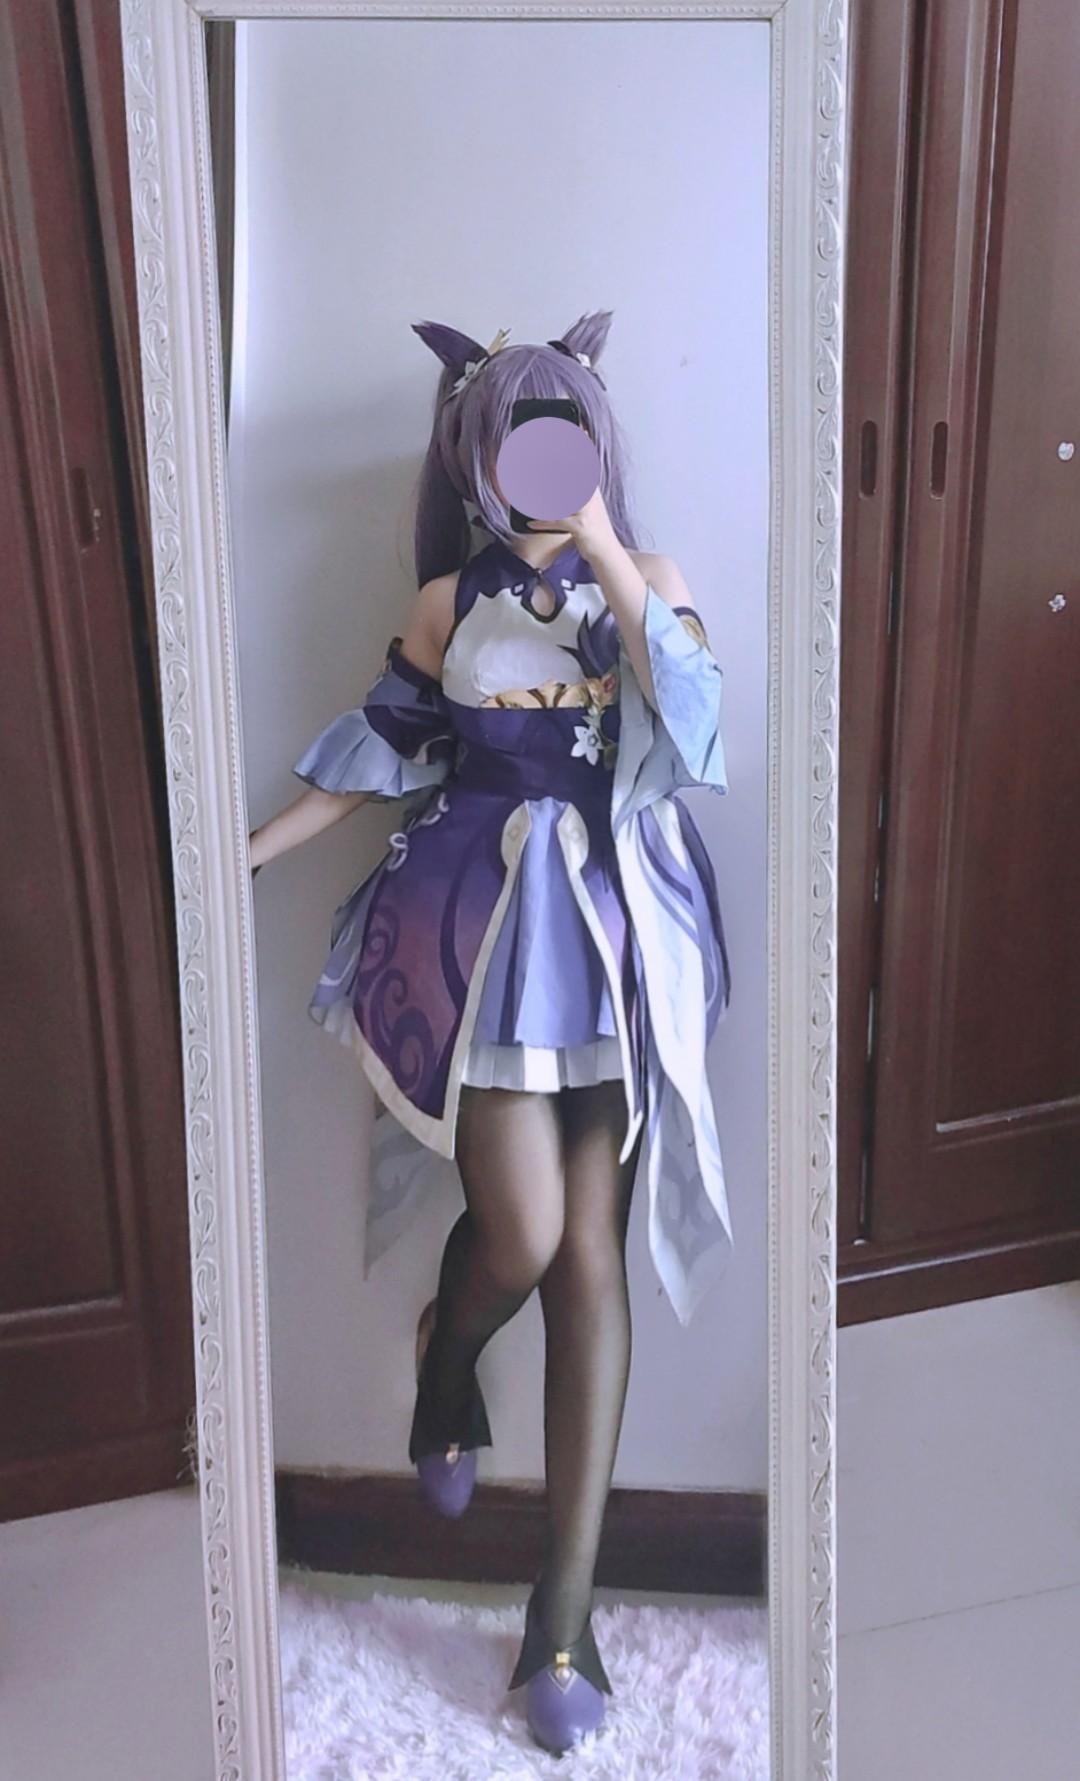 《原神》游戏cosplay【CN:哩咚隆咚锵】-第3张